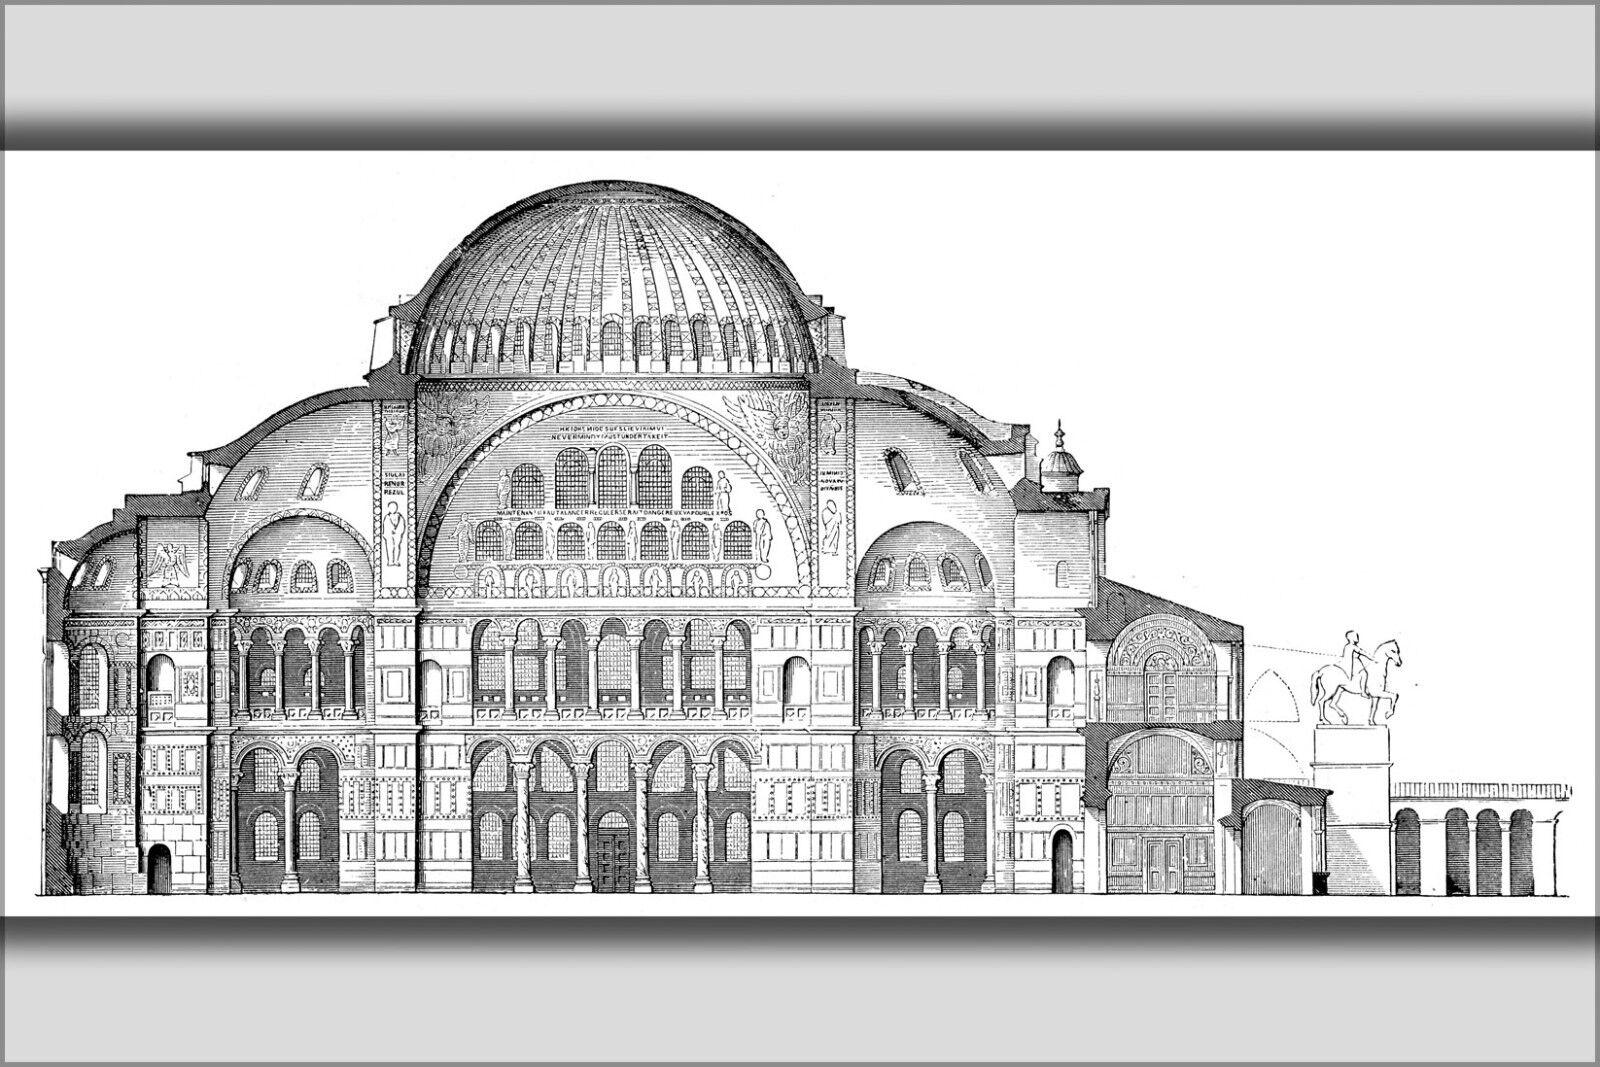 Plakat, Viele Größen; Querprofil von Hagia Sophia 1908